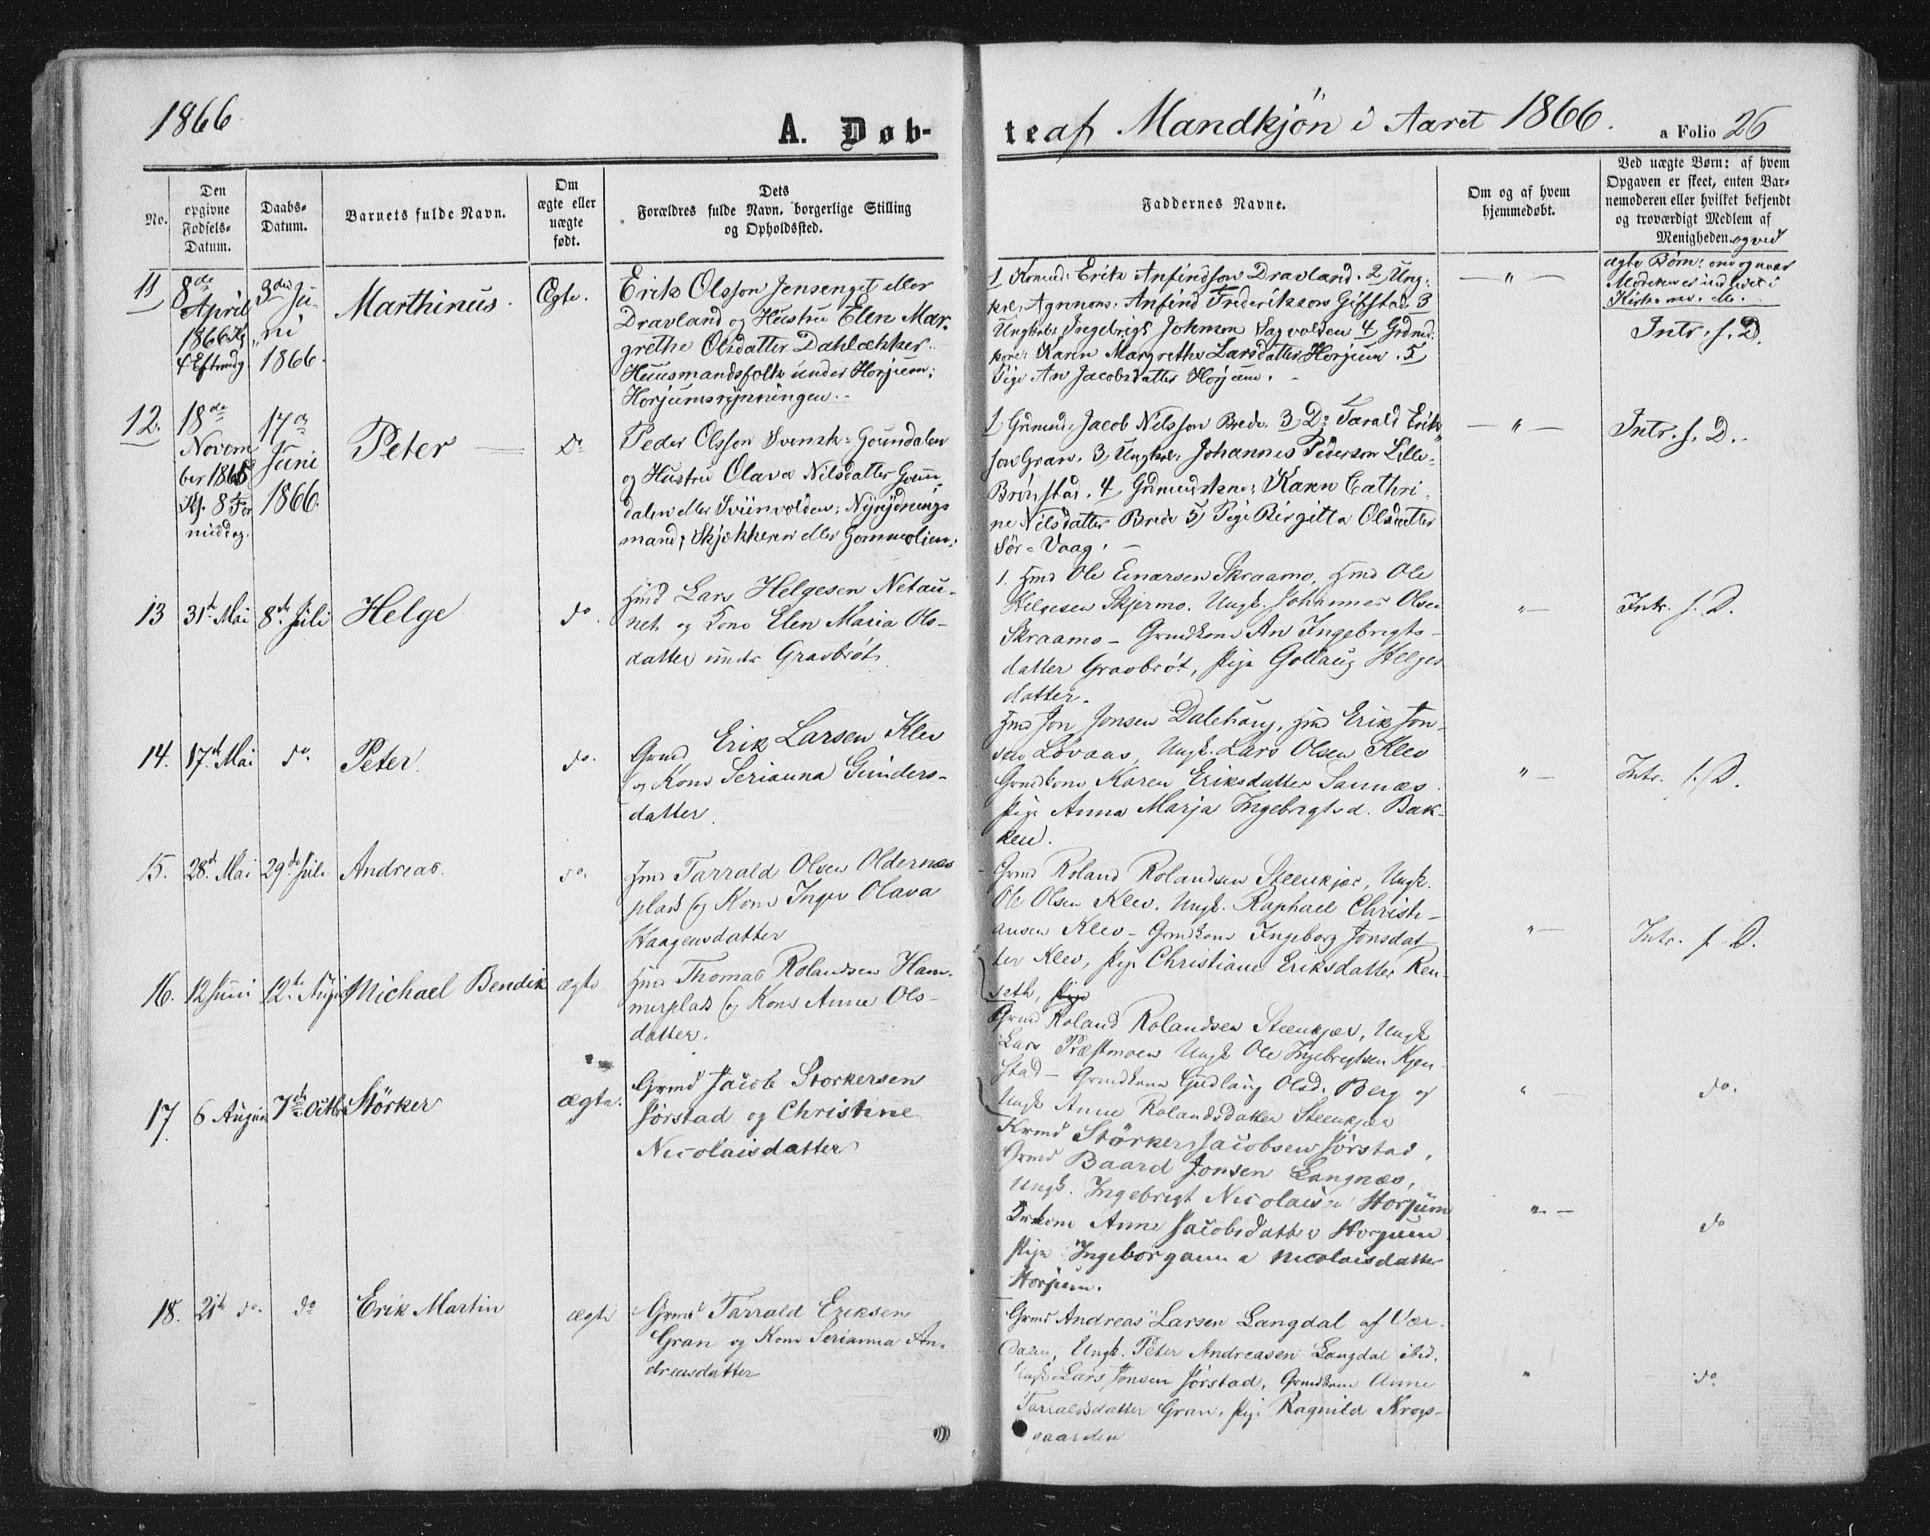 SAT, Ministerialprotokoller, klokkerbøker og fødselsregistre - Nord-Trøndelag, 749/L0472: Ministerialbok nr. 749A06, 1857-1873, s. 26